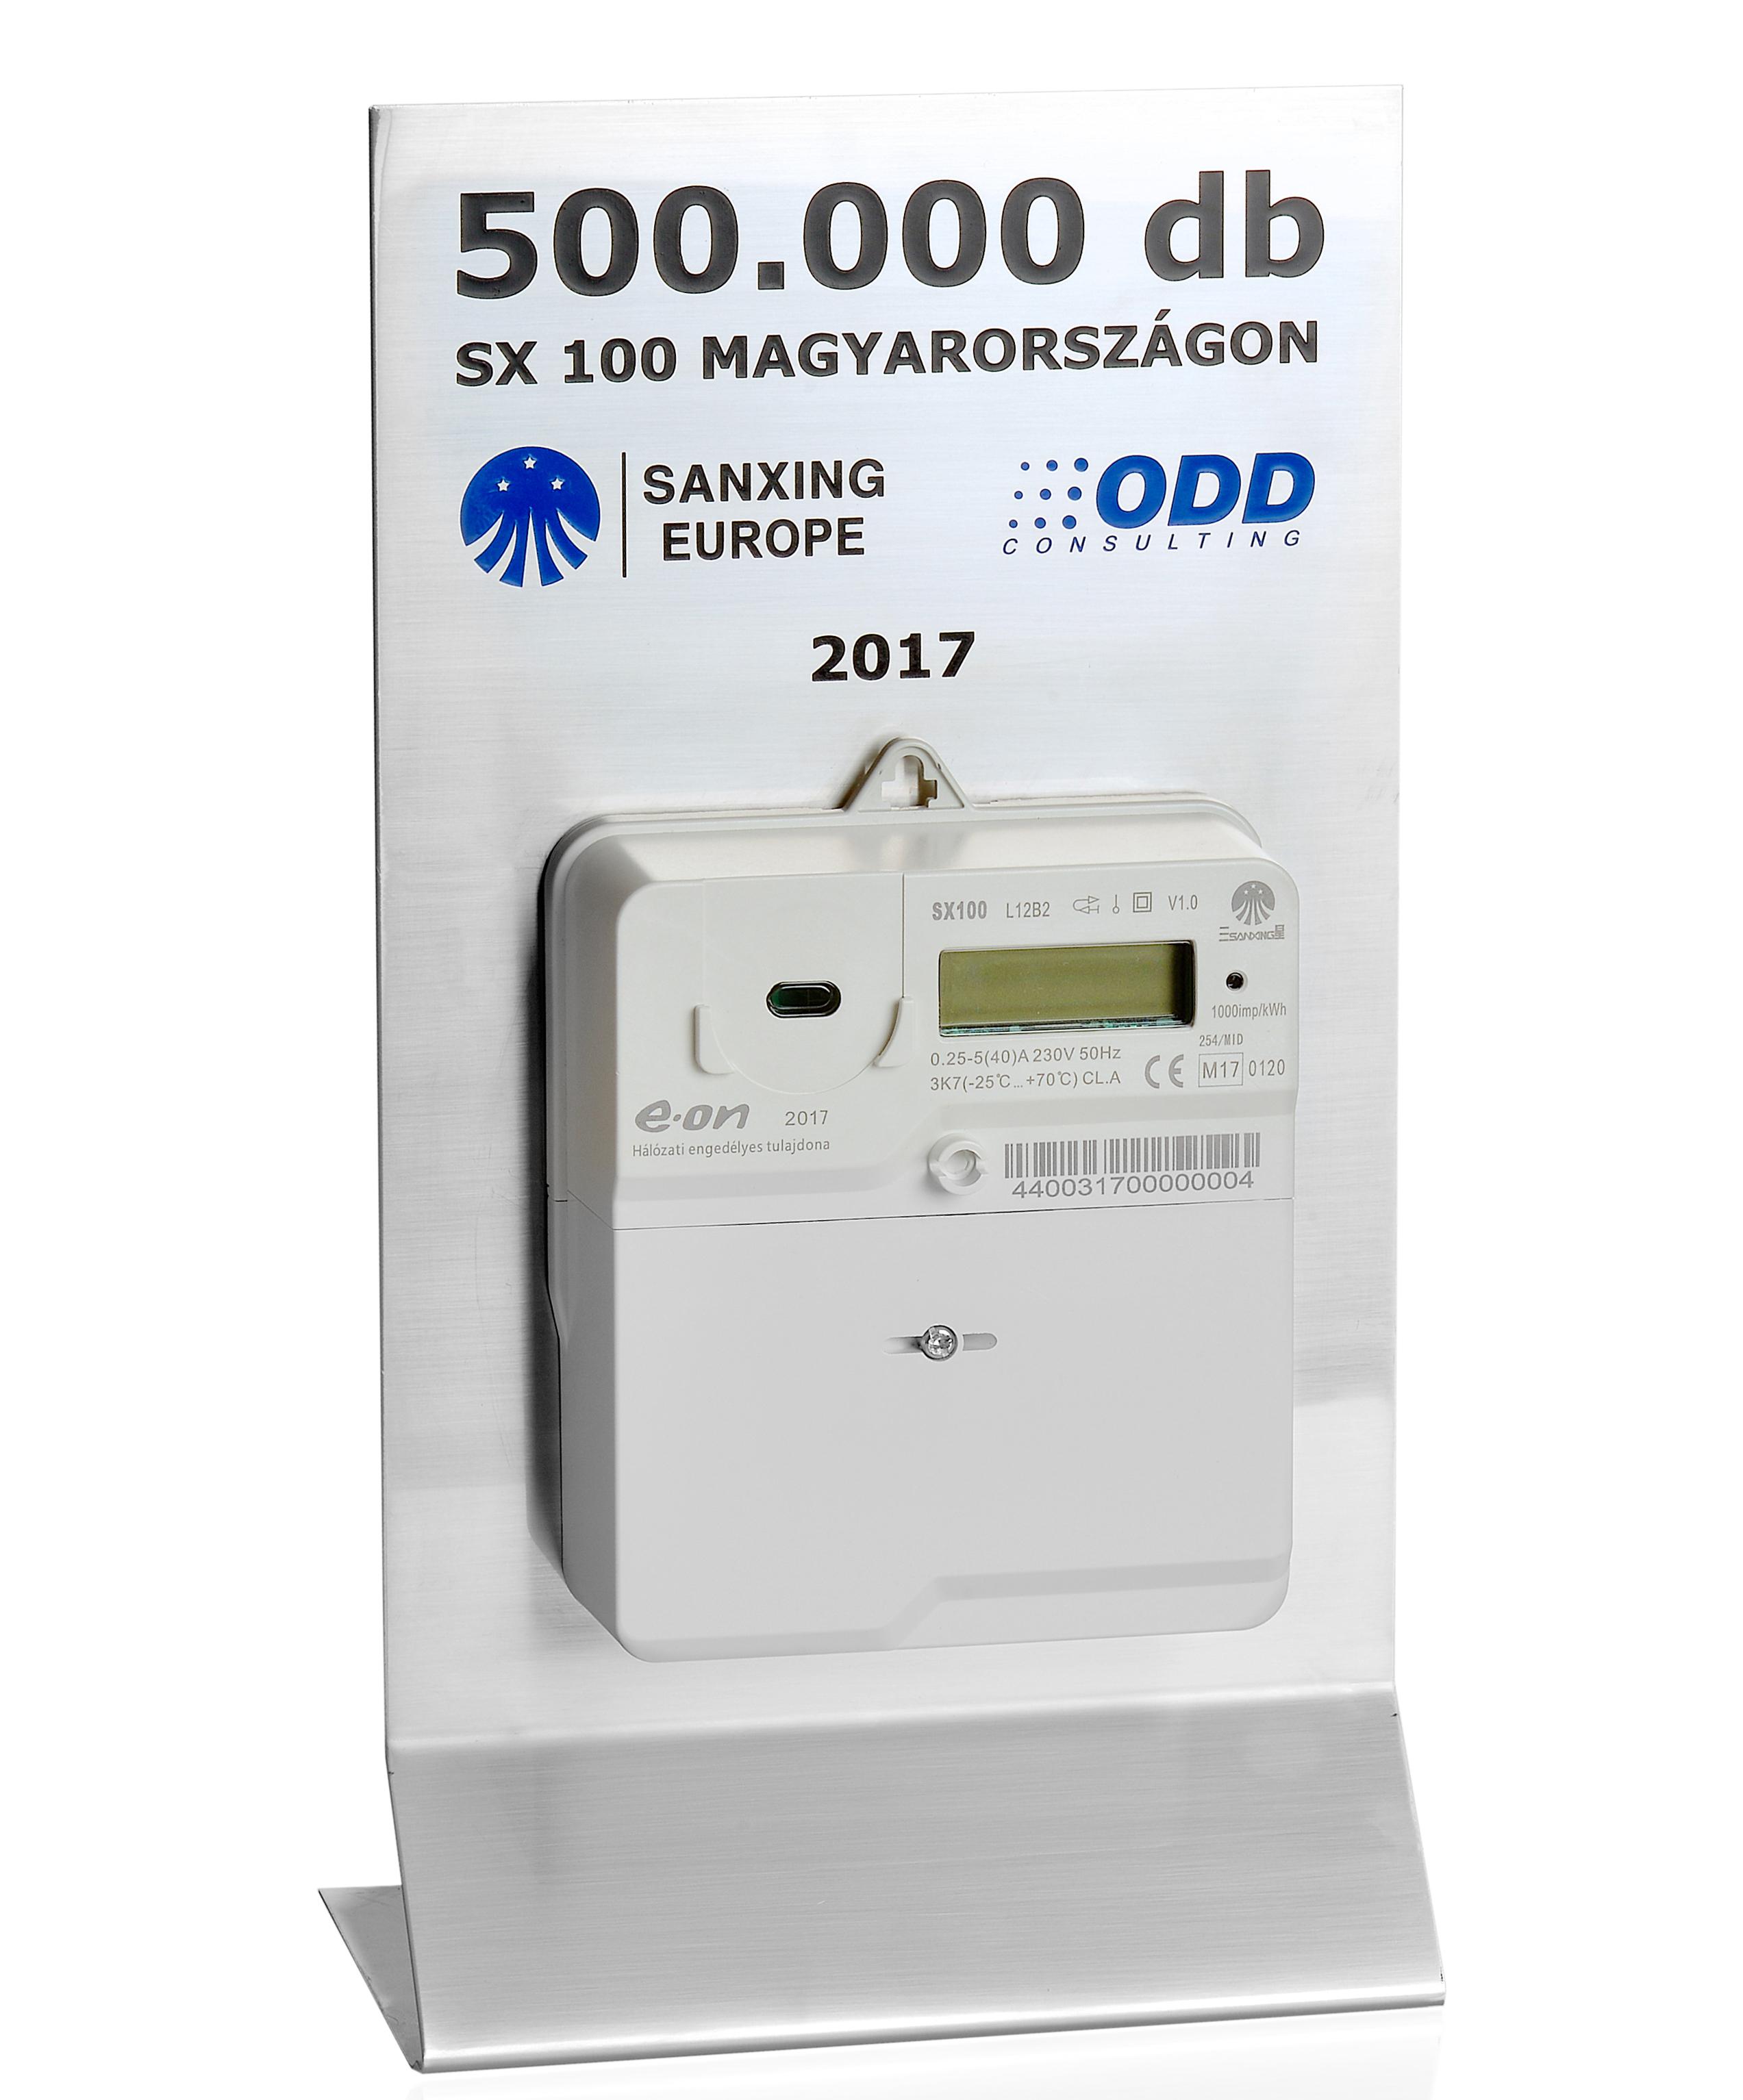 félmillió villamosenergiamérő